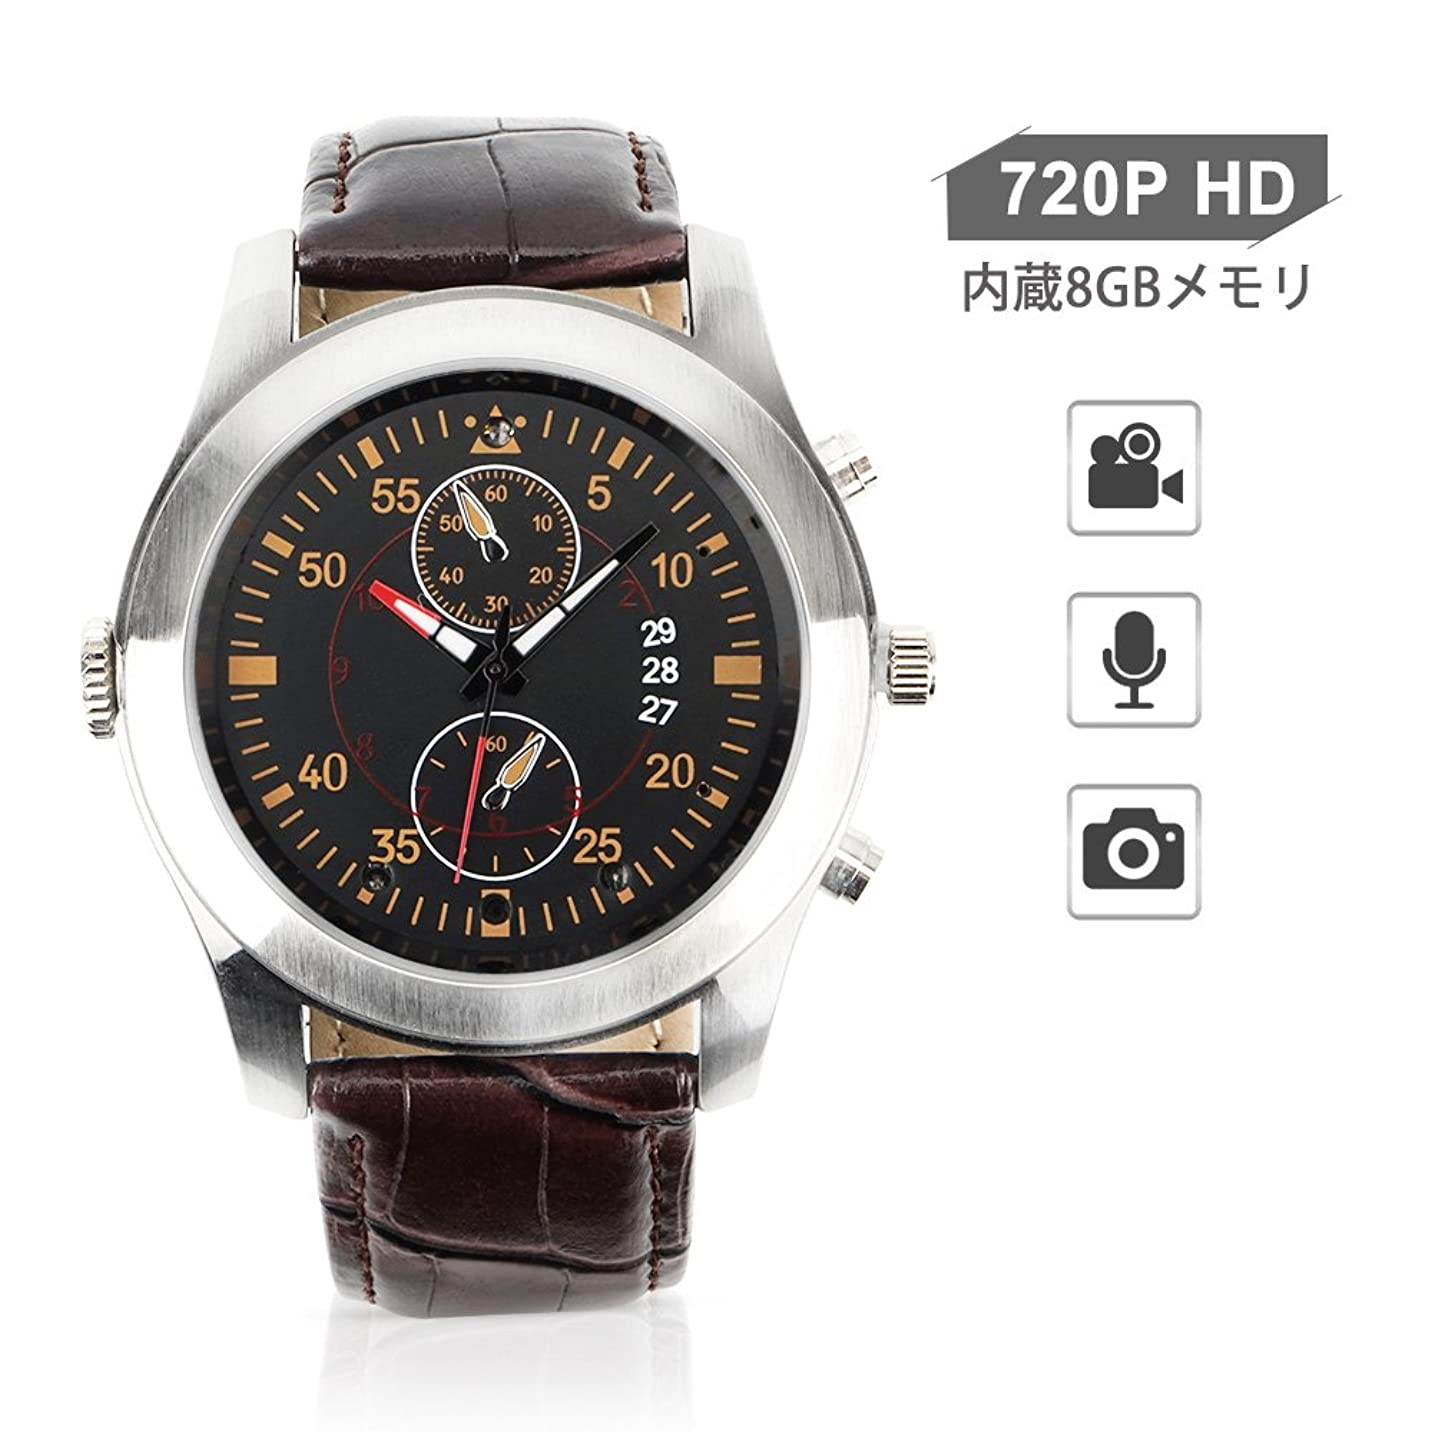 クリエイティブ大使館言い換えるとWISEUP 720P HD 腕時計型隠しカメラ 8GBメモリー内蔵オーディオレコーダーフハイビジョン 動画撮影対応